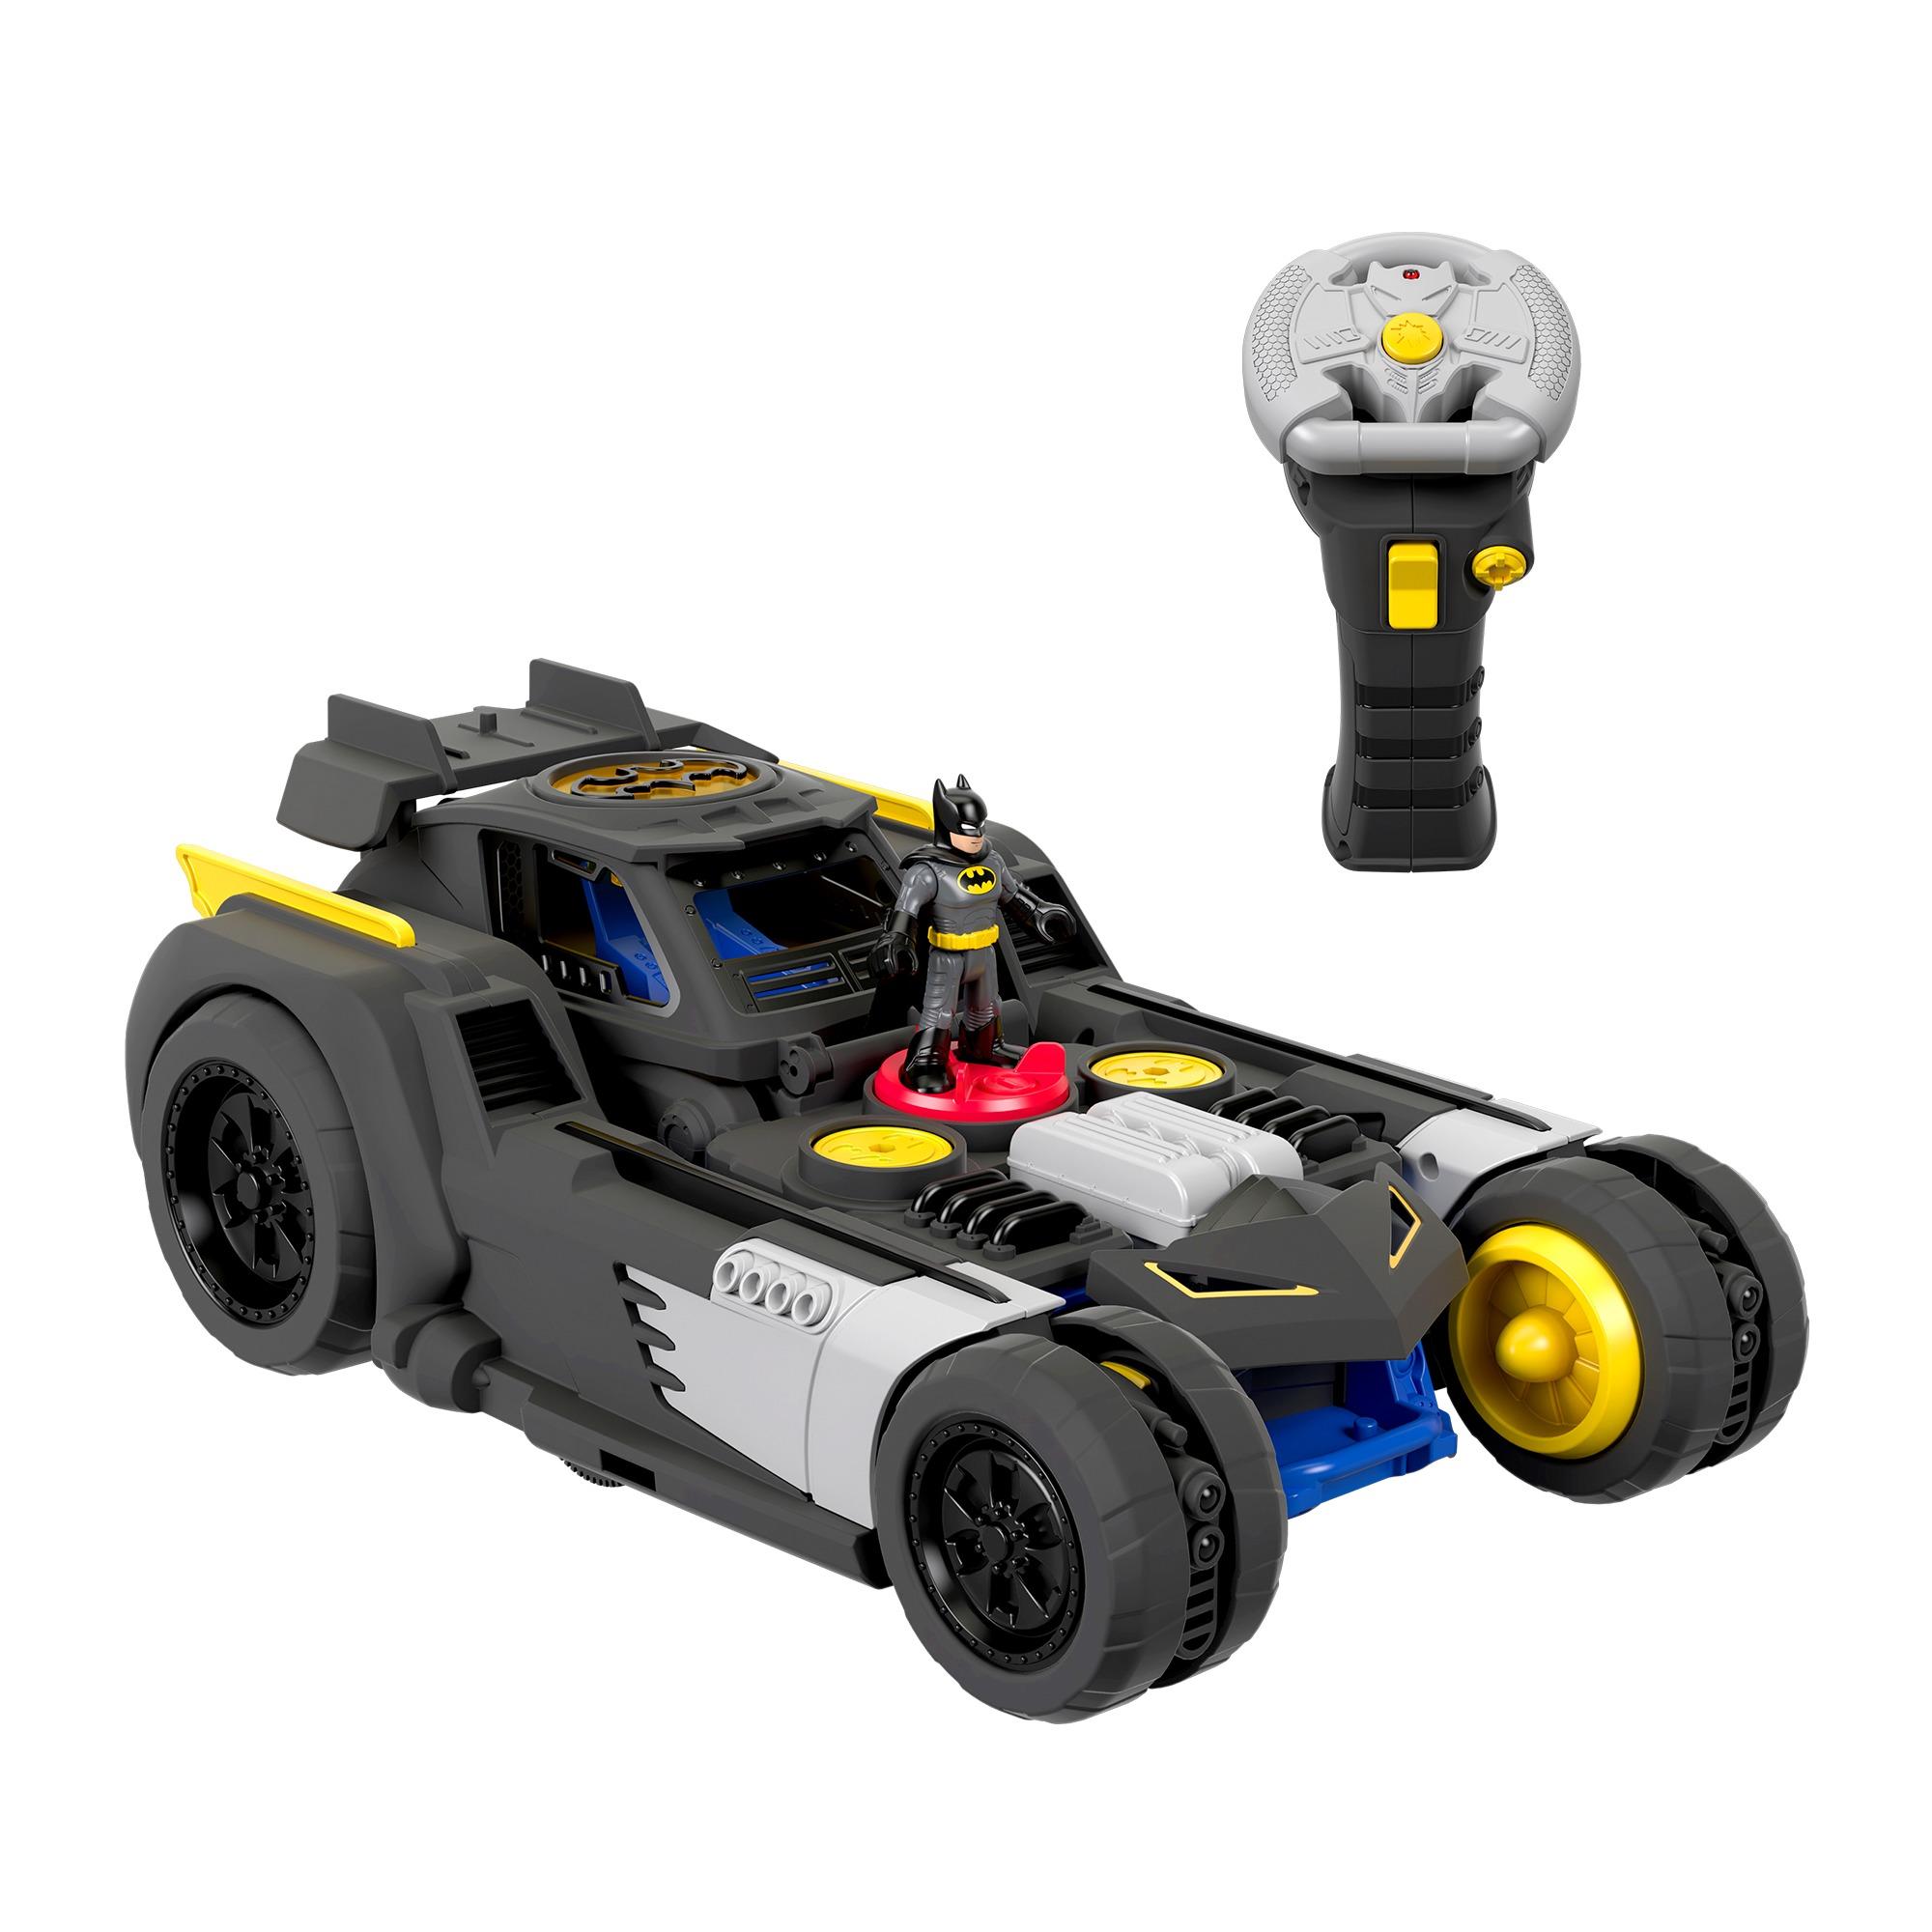 Imaginext DC Super Friends Transforming Batmobile R/C Vehicle $62.99